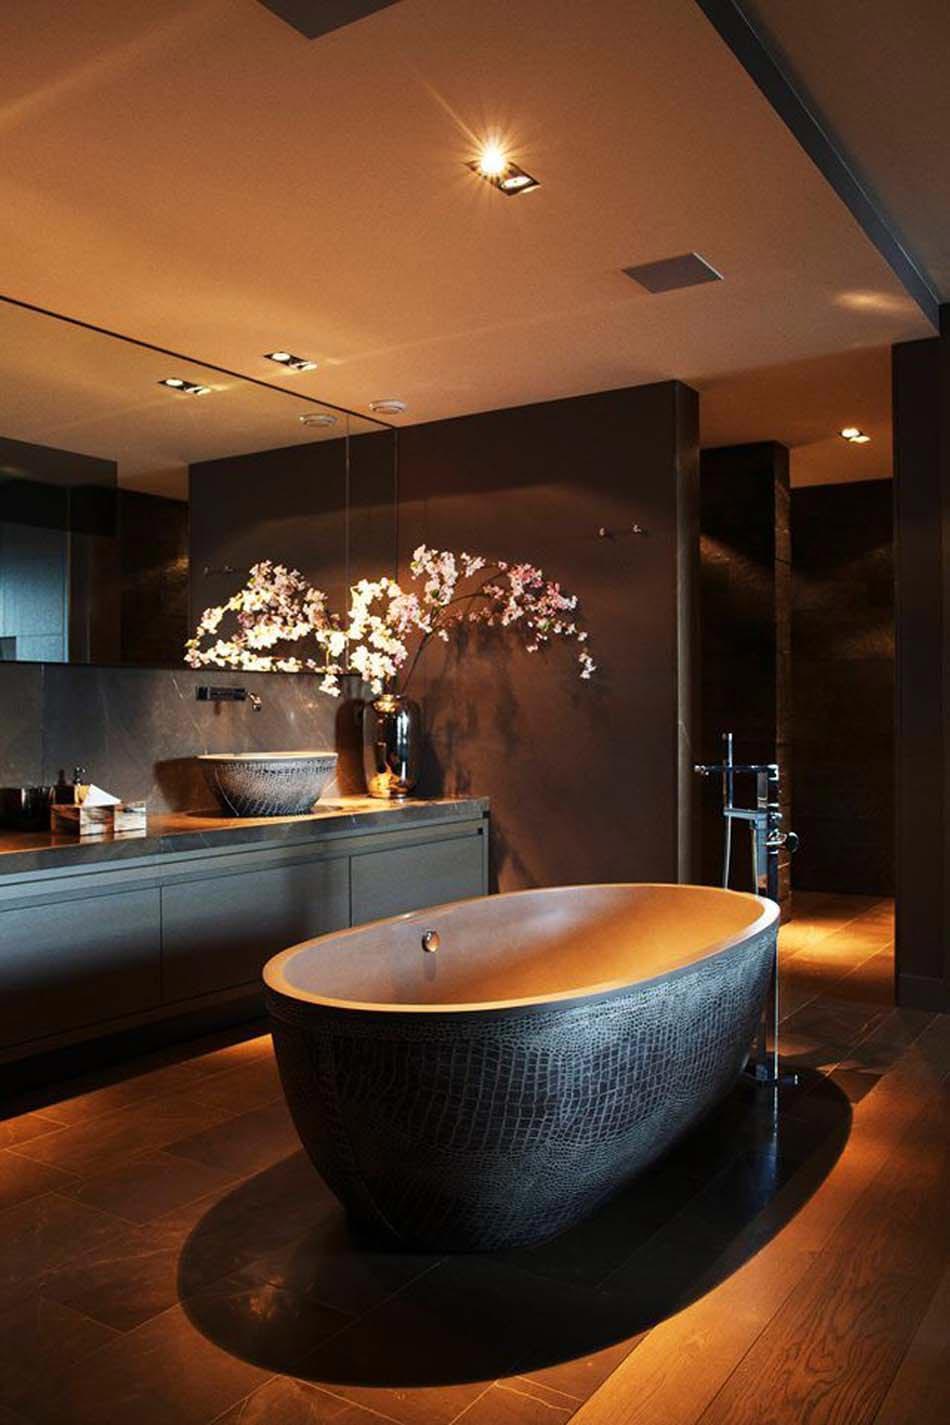 personnaliser sa salle de bain design avec un look extravagant ou ... - Salle De Bain Asiatique